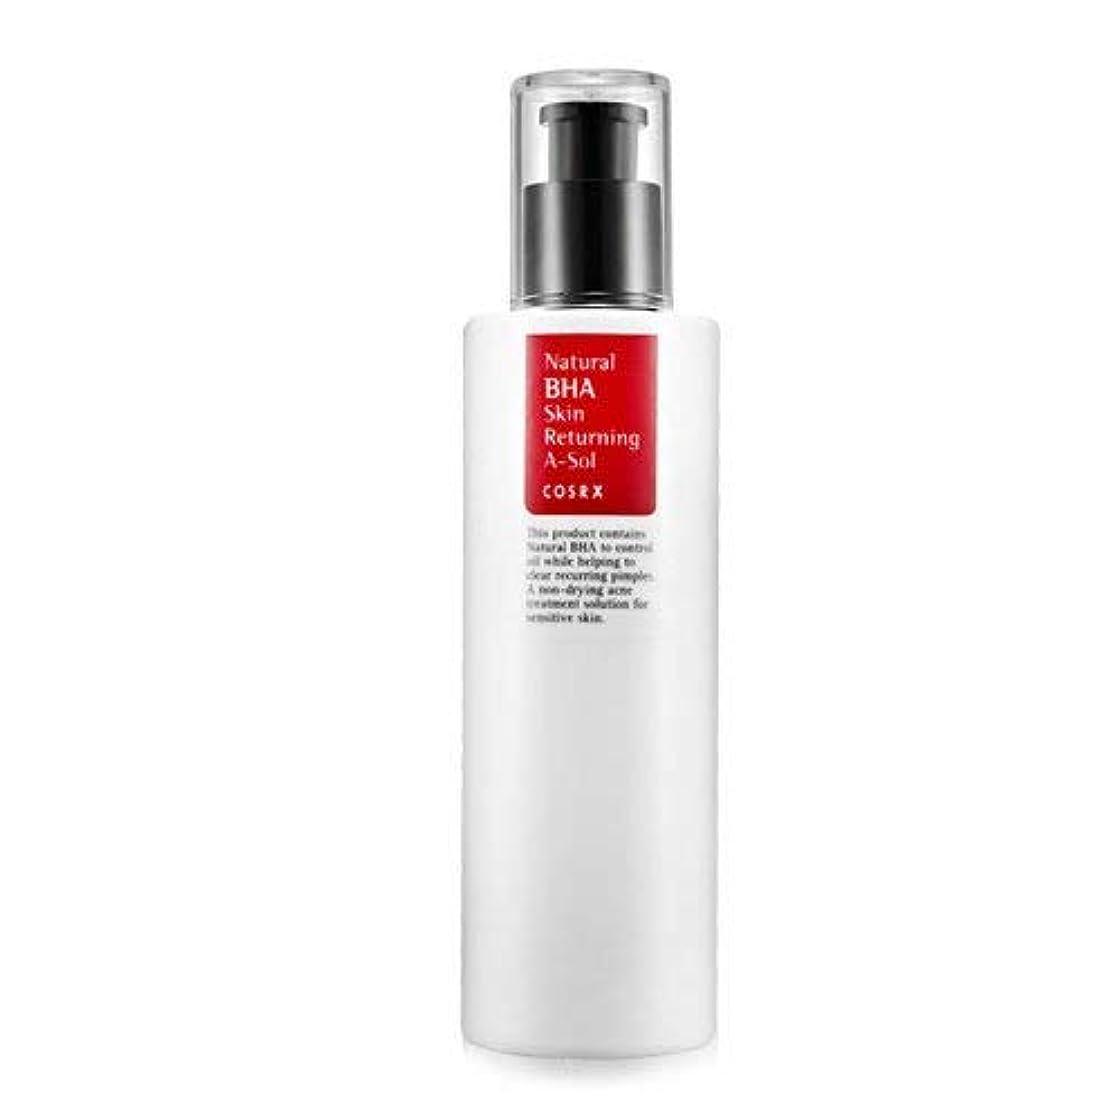 微妙栄養血まみれCOSRX ナチュラル BHA スキン リータニング A-sol /Natural BHA Skin Returning A-sol(100ml*6 Pack)